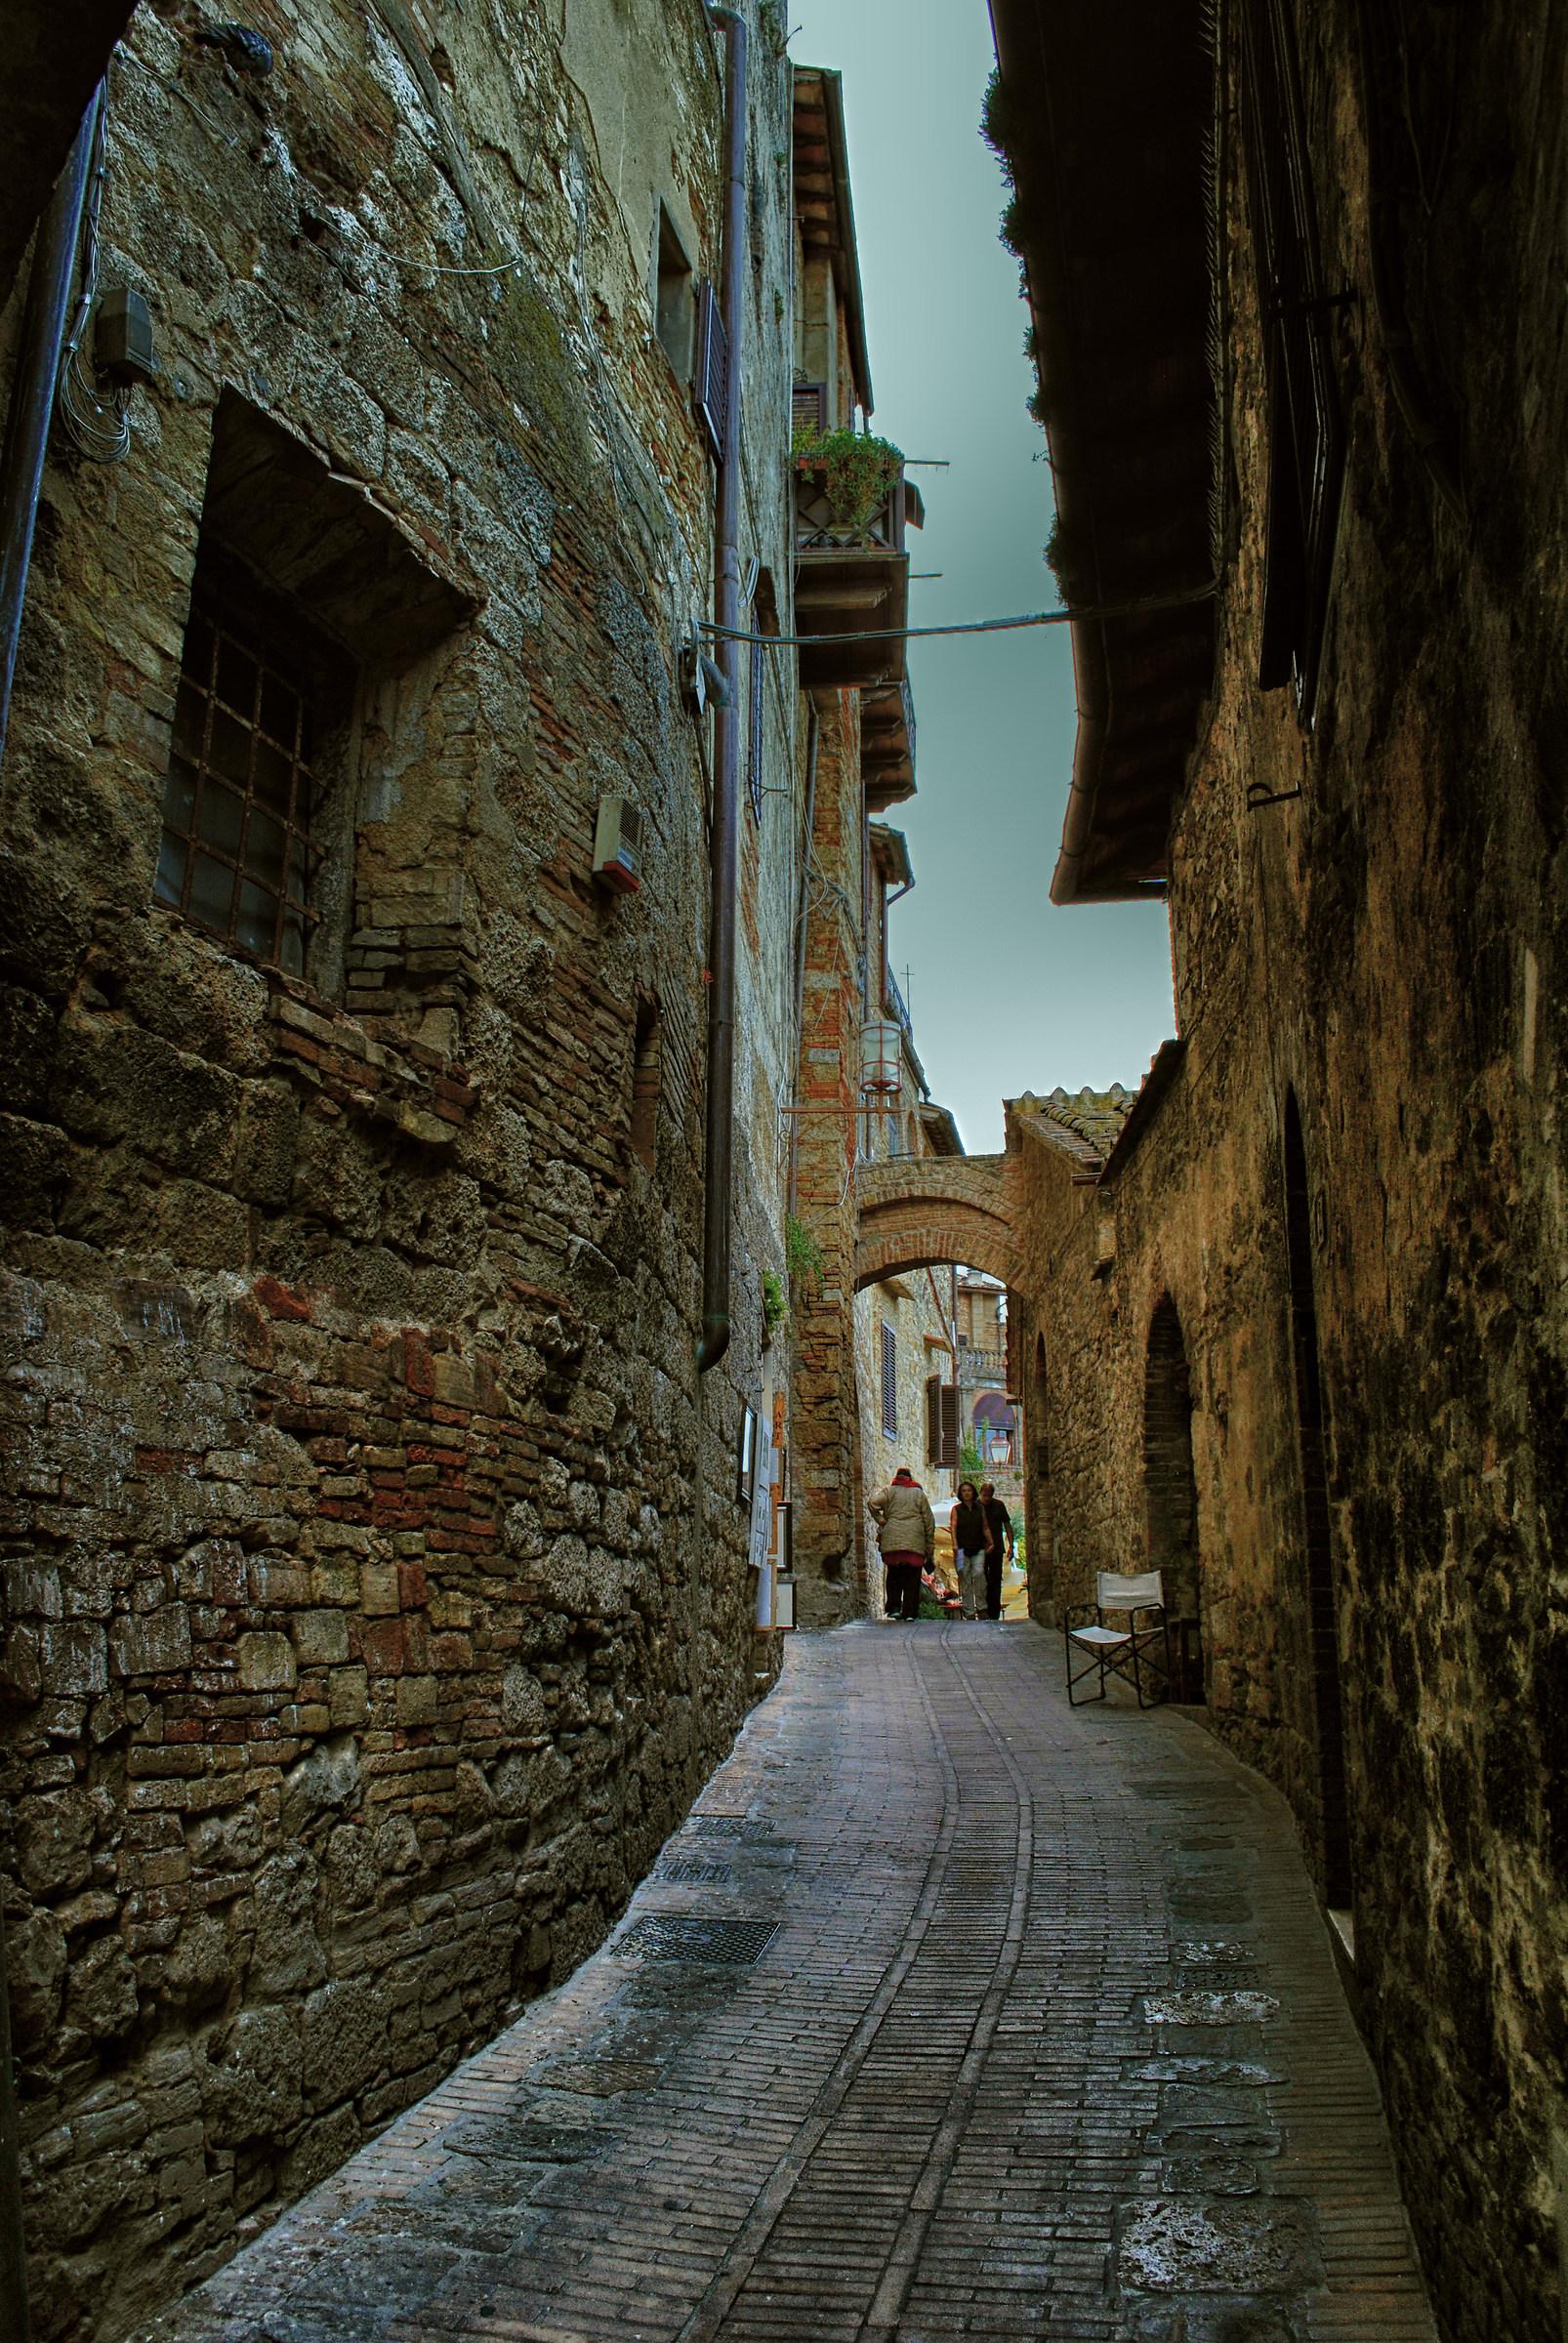 The long, narrow street ......